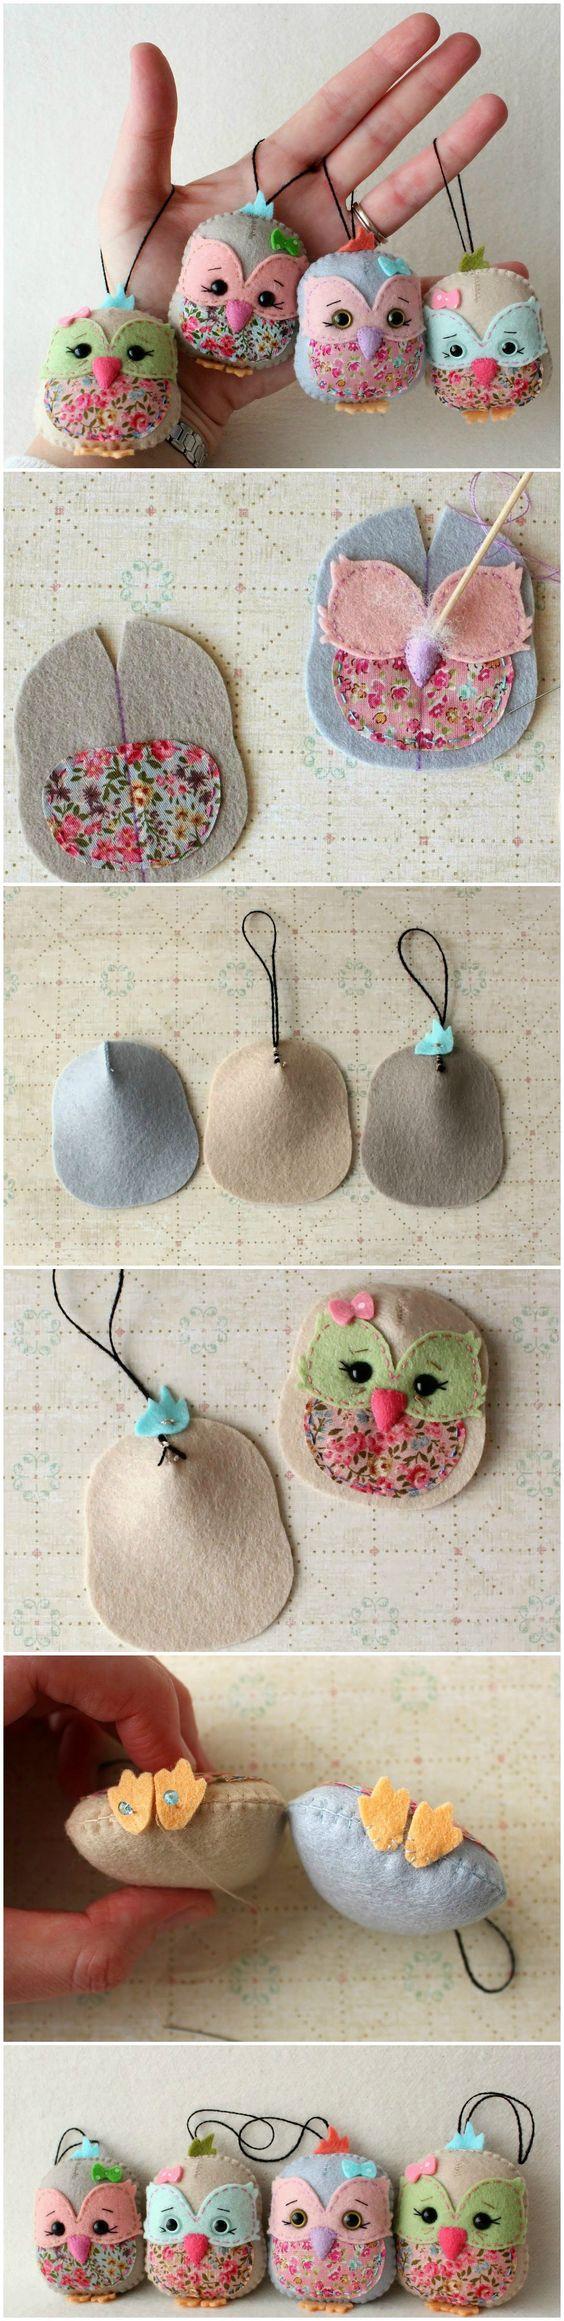 Gingermelon Dolls: Free Pattern – Little Lark Lavender Sachet: